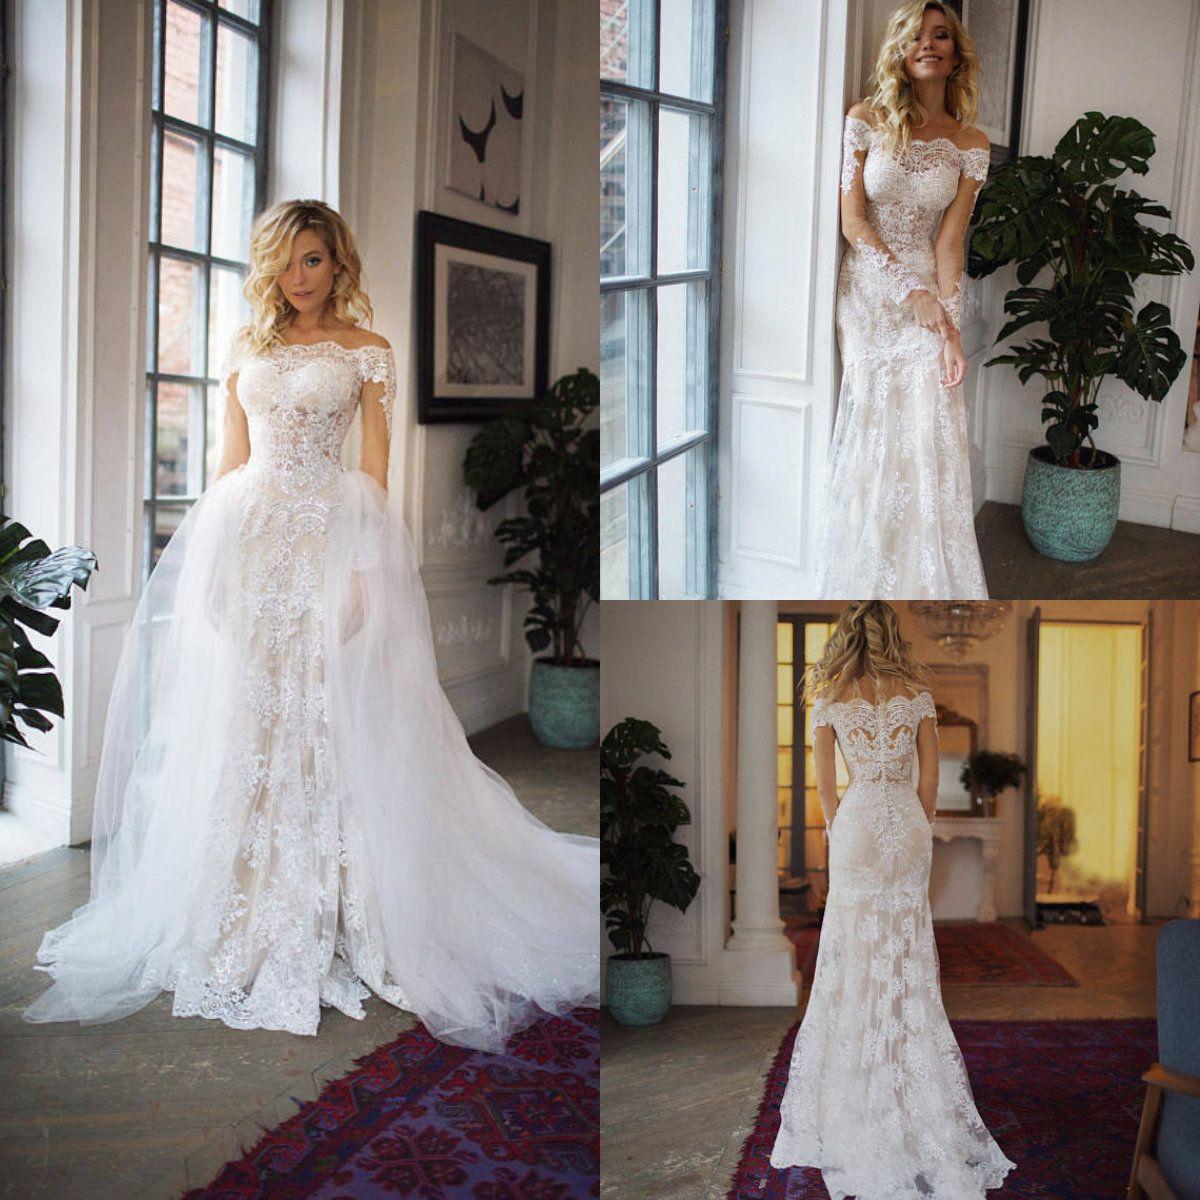 Sexy sirena vestidos de novia con falda desmontable de encaje fuera del hombro apliques precioso país vestido de boda barrer tren más tamaño vestido